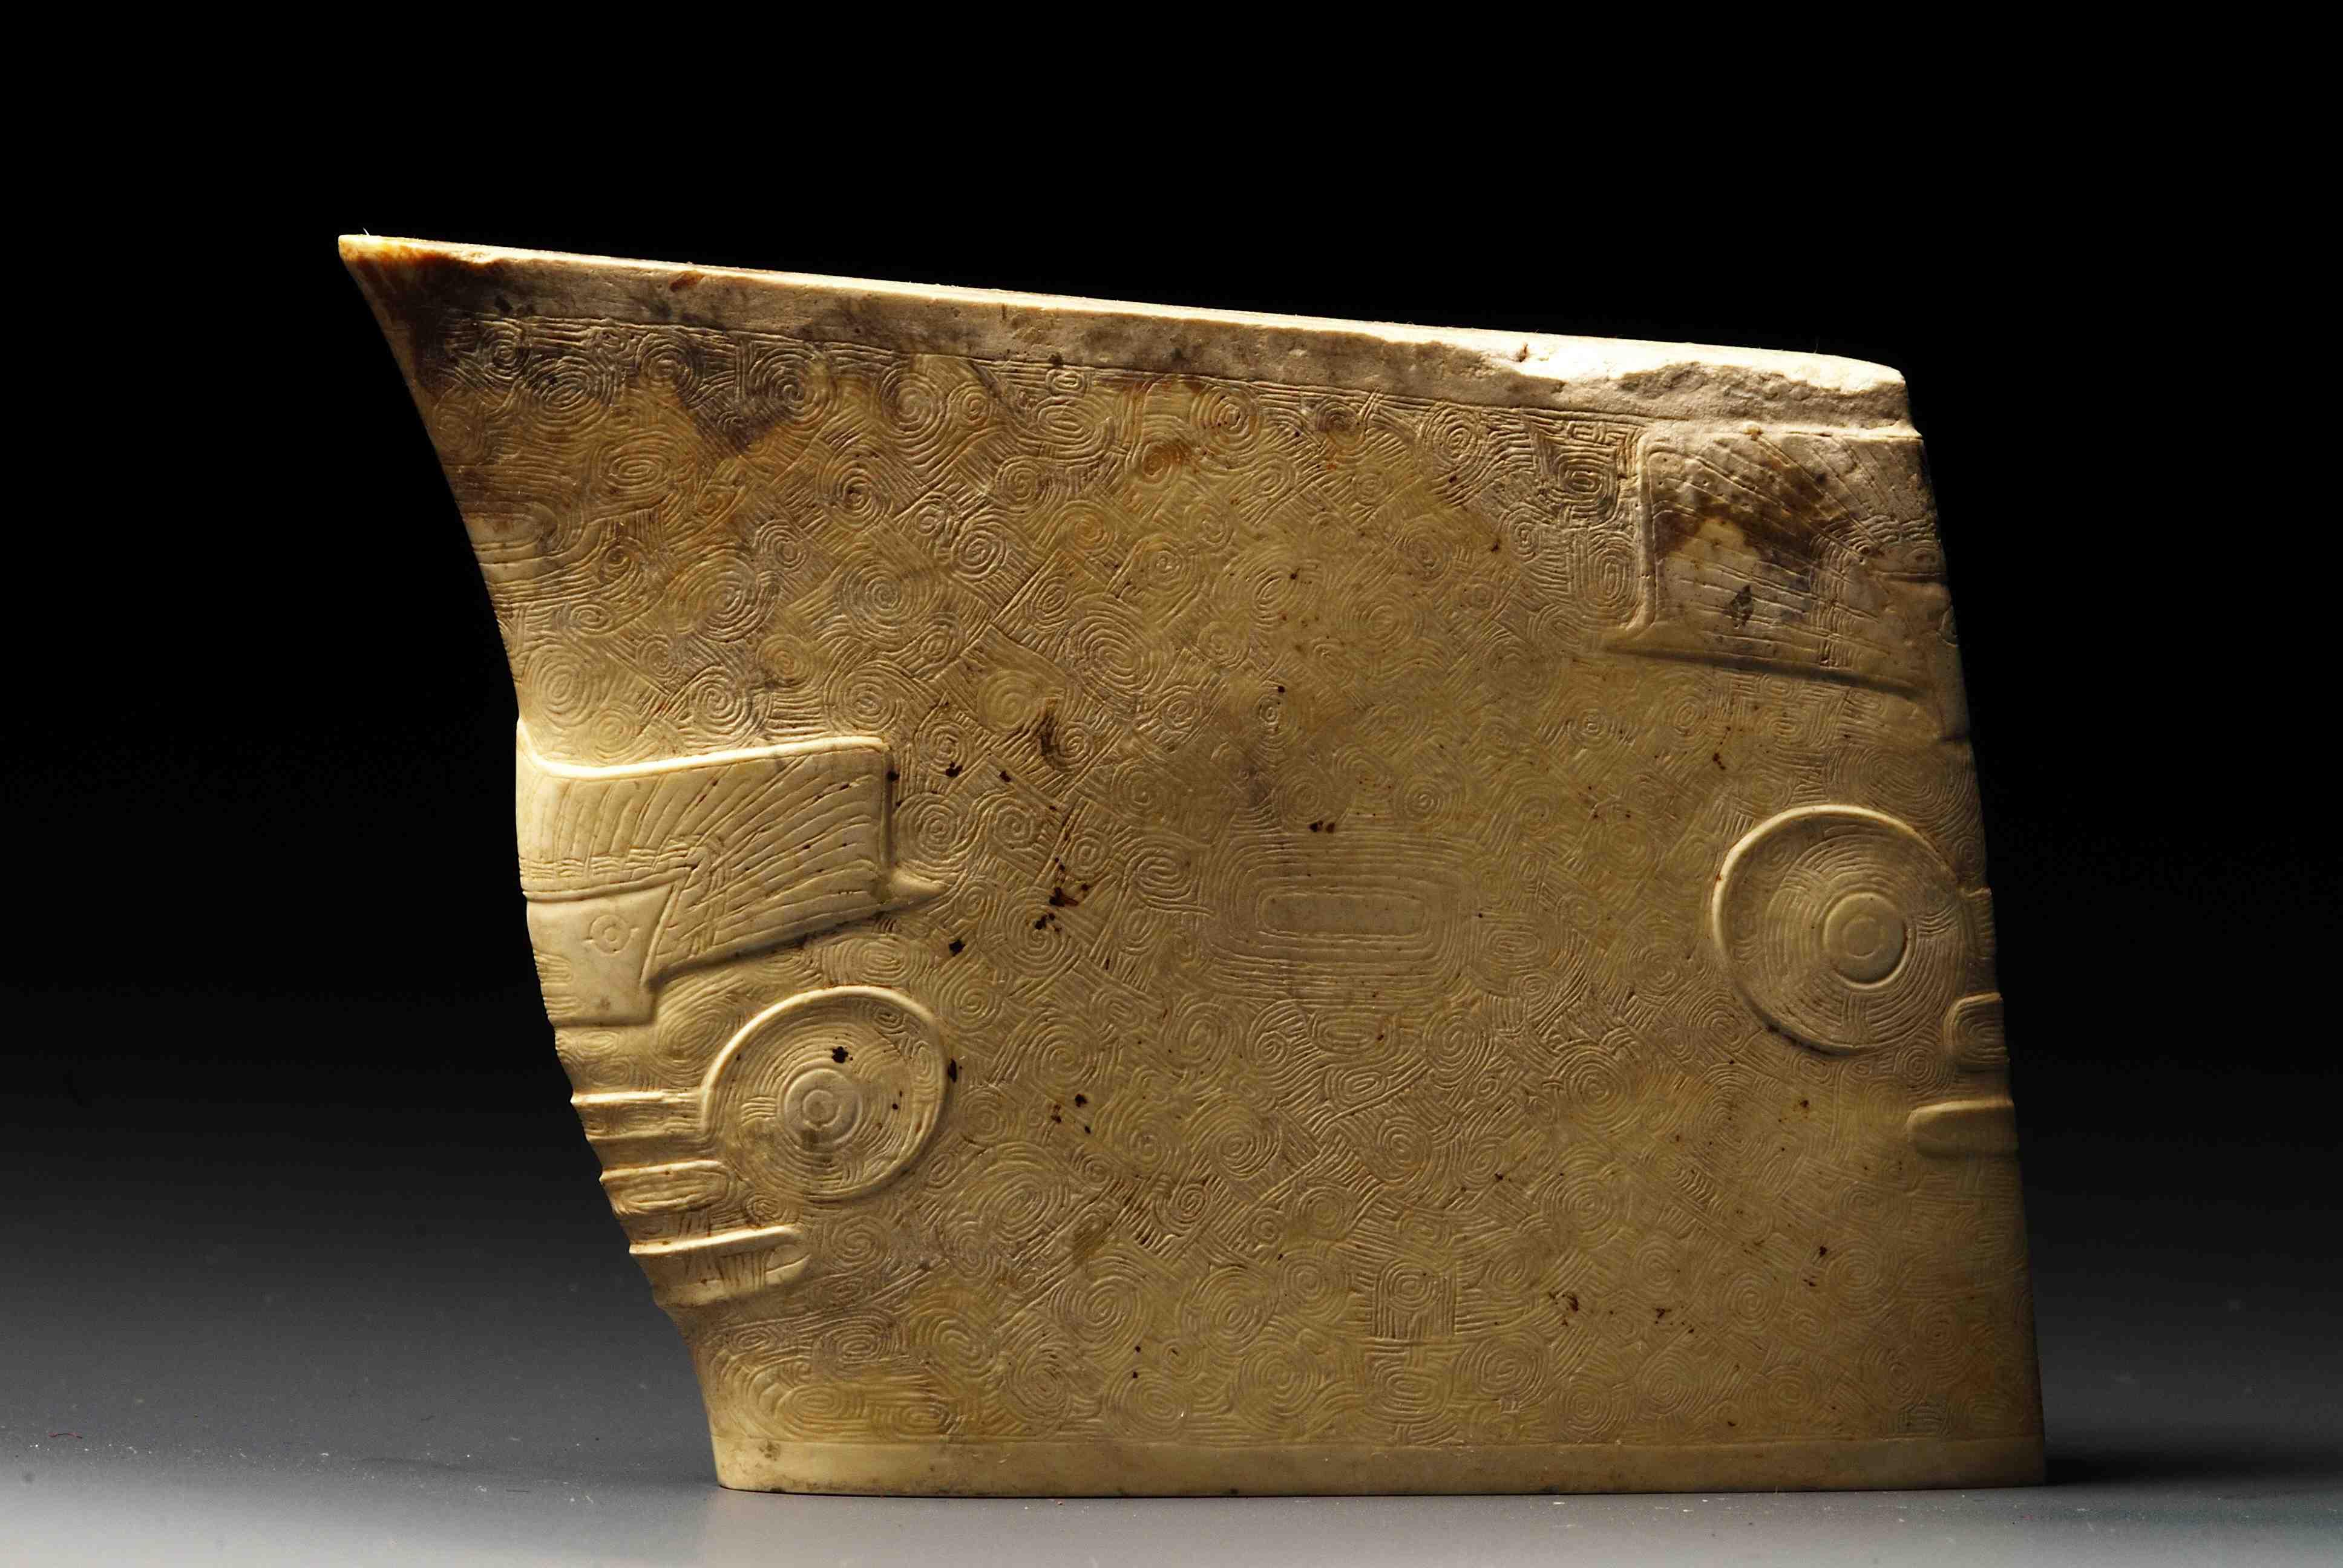 良渚文化の工芸品